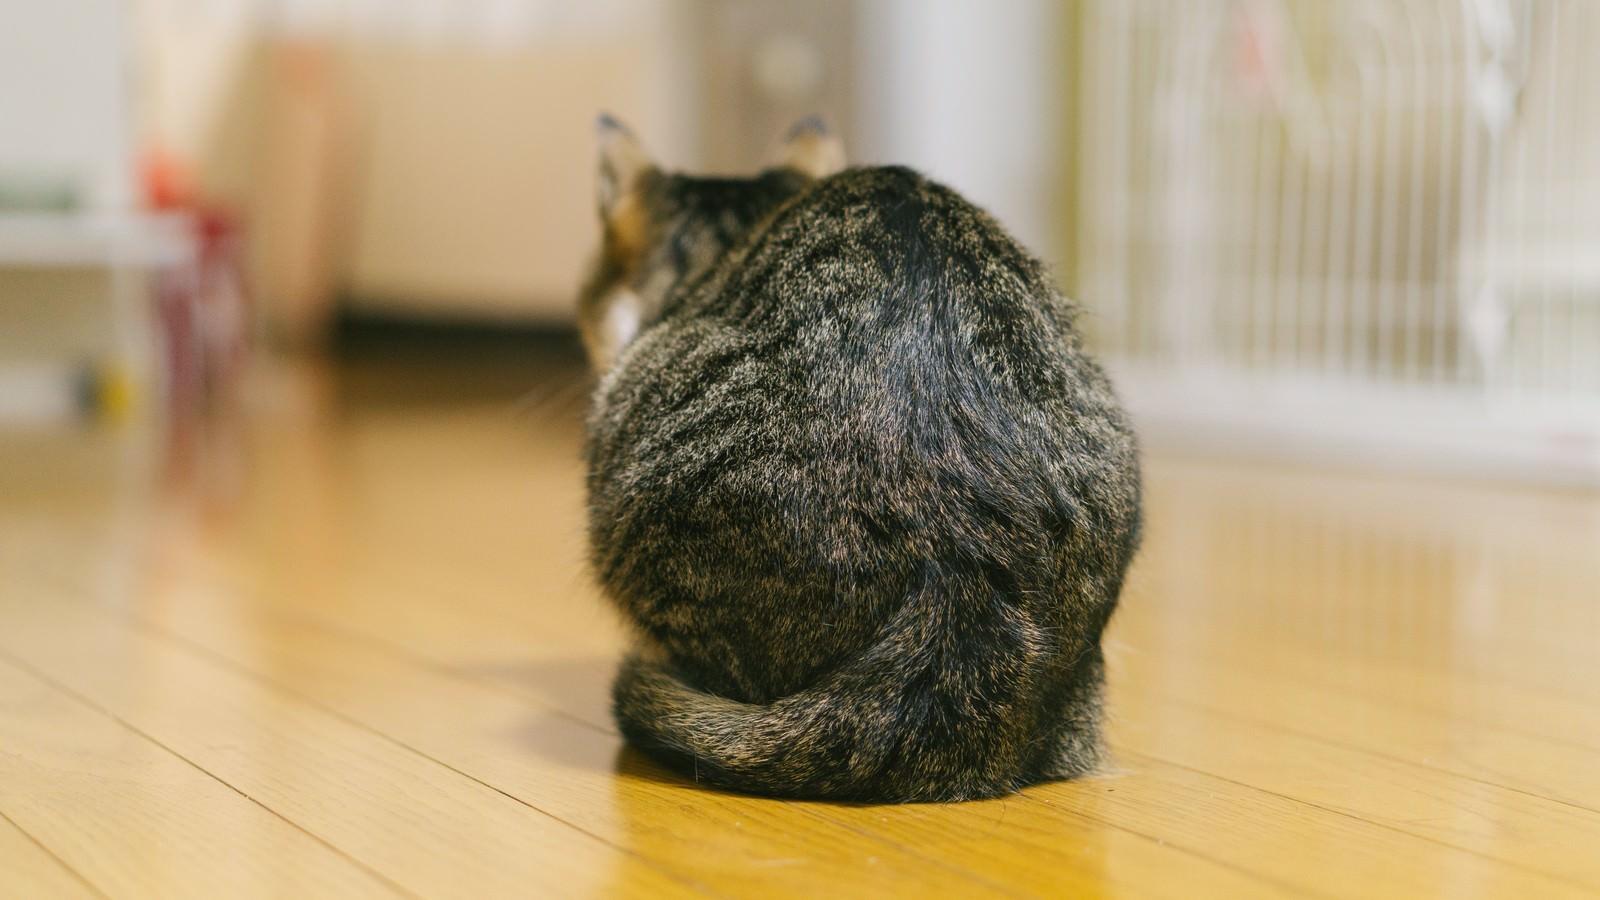 「猫の後ろ姿(猫背)」の写真